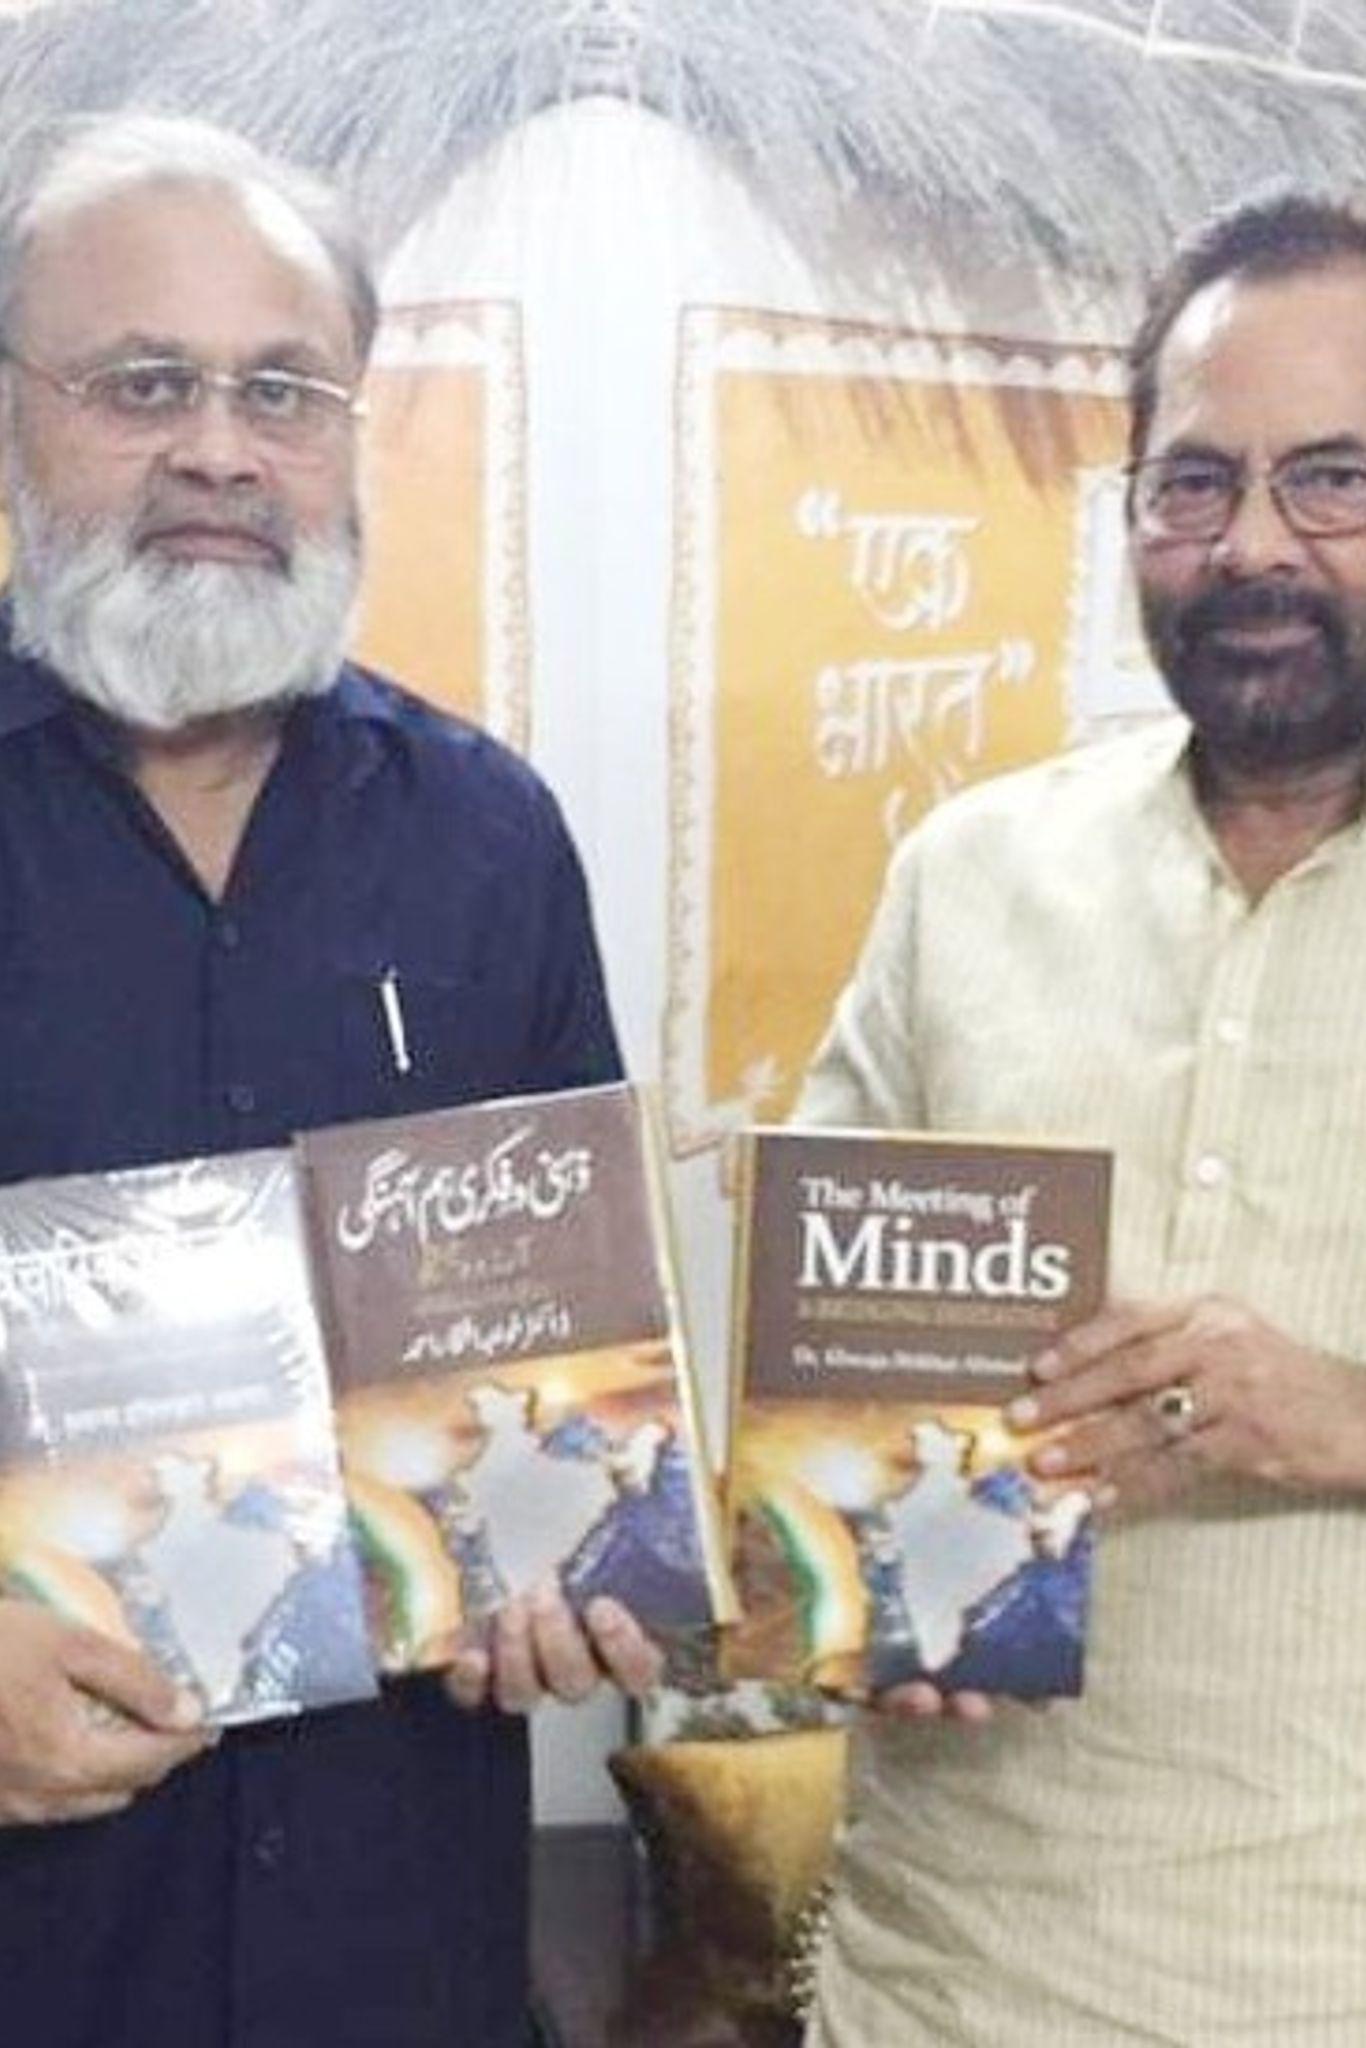 डा. ख्वाजा इफ्तिखार अहमद अपनी किताब ''वैचारिक समन्वय-एक पहल'' के साथ